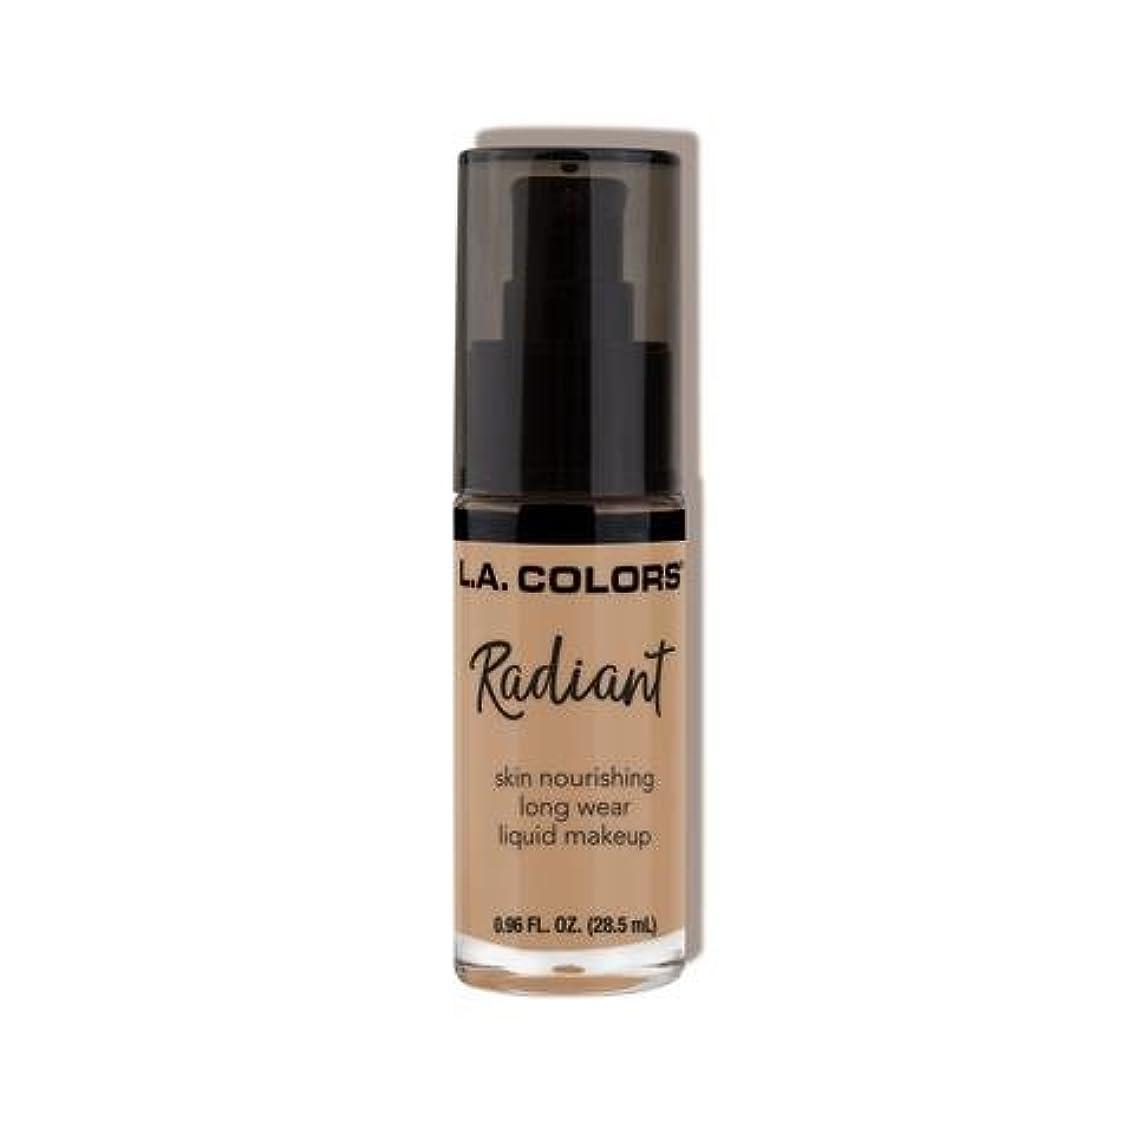 モナリザセットするペン(6 Pack) L.A. COLORS Radiant Liquid Makeup - Medium Beige (並行輸入品)